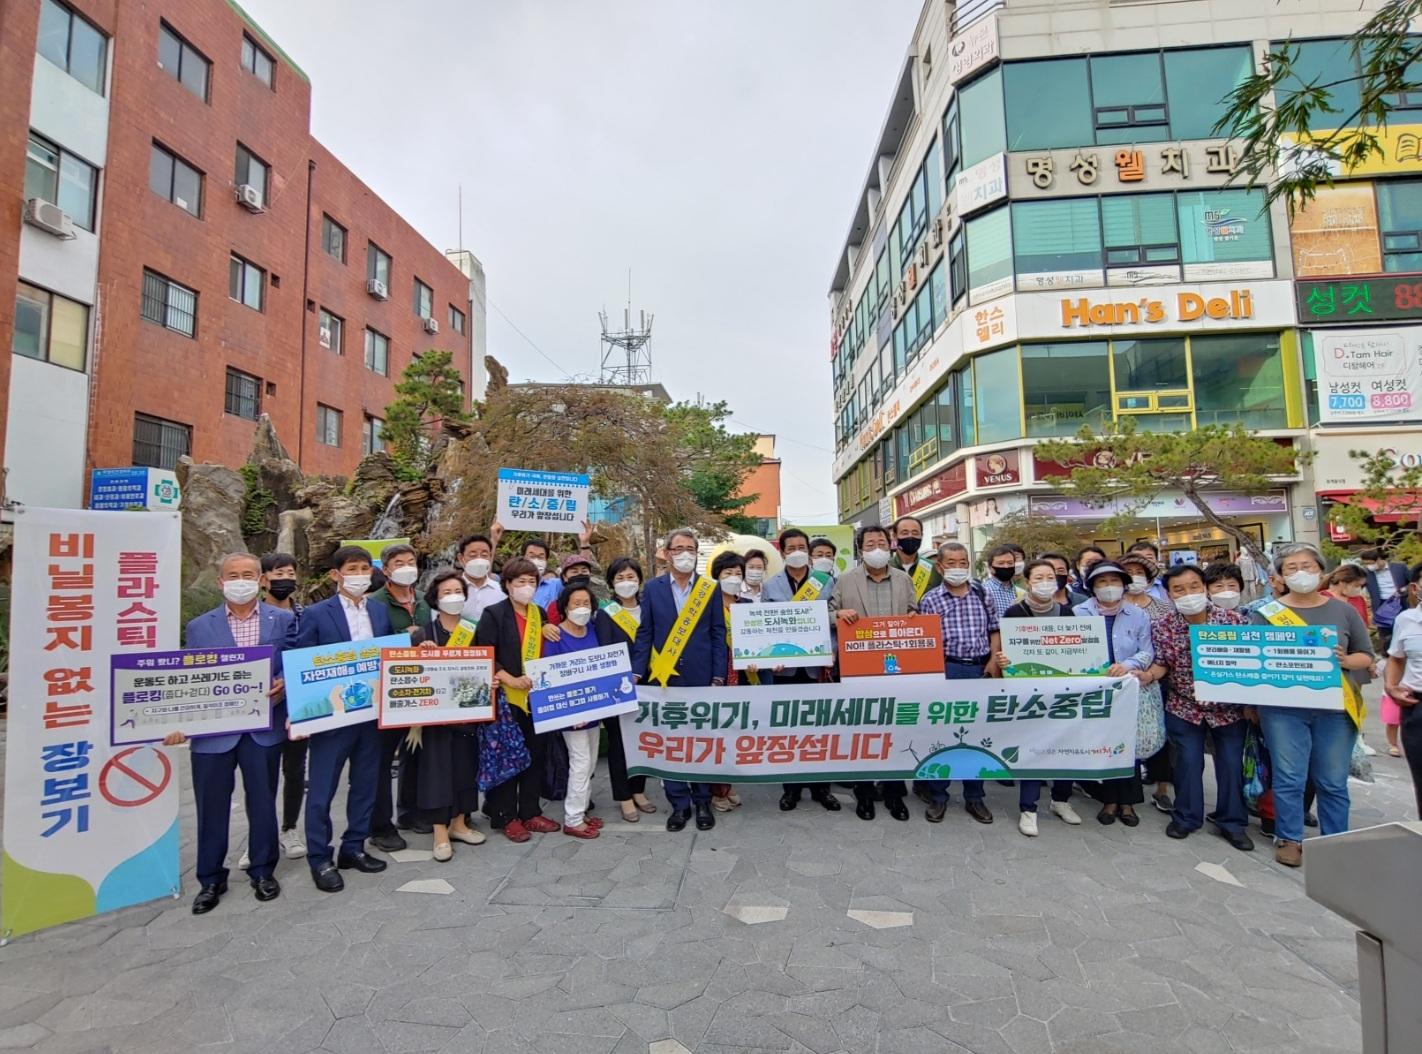 제천시·제천지속가능발전협의회, 친환경 명절 보내기 캠페인